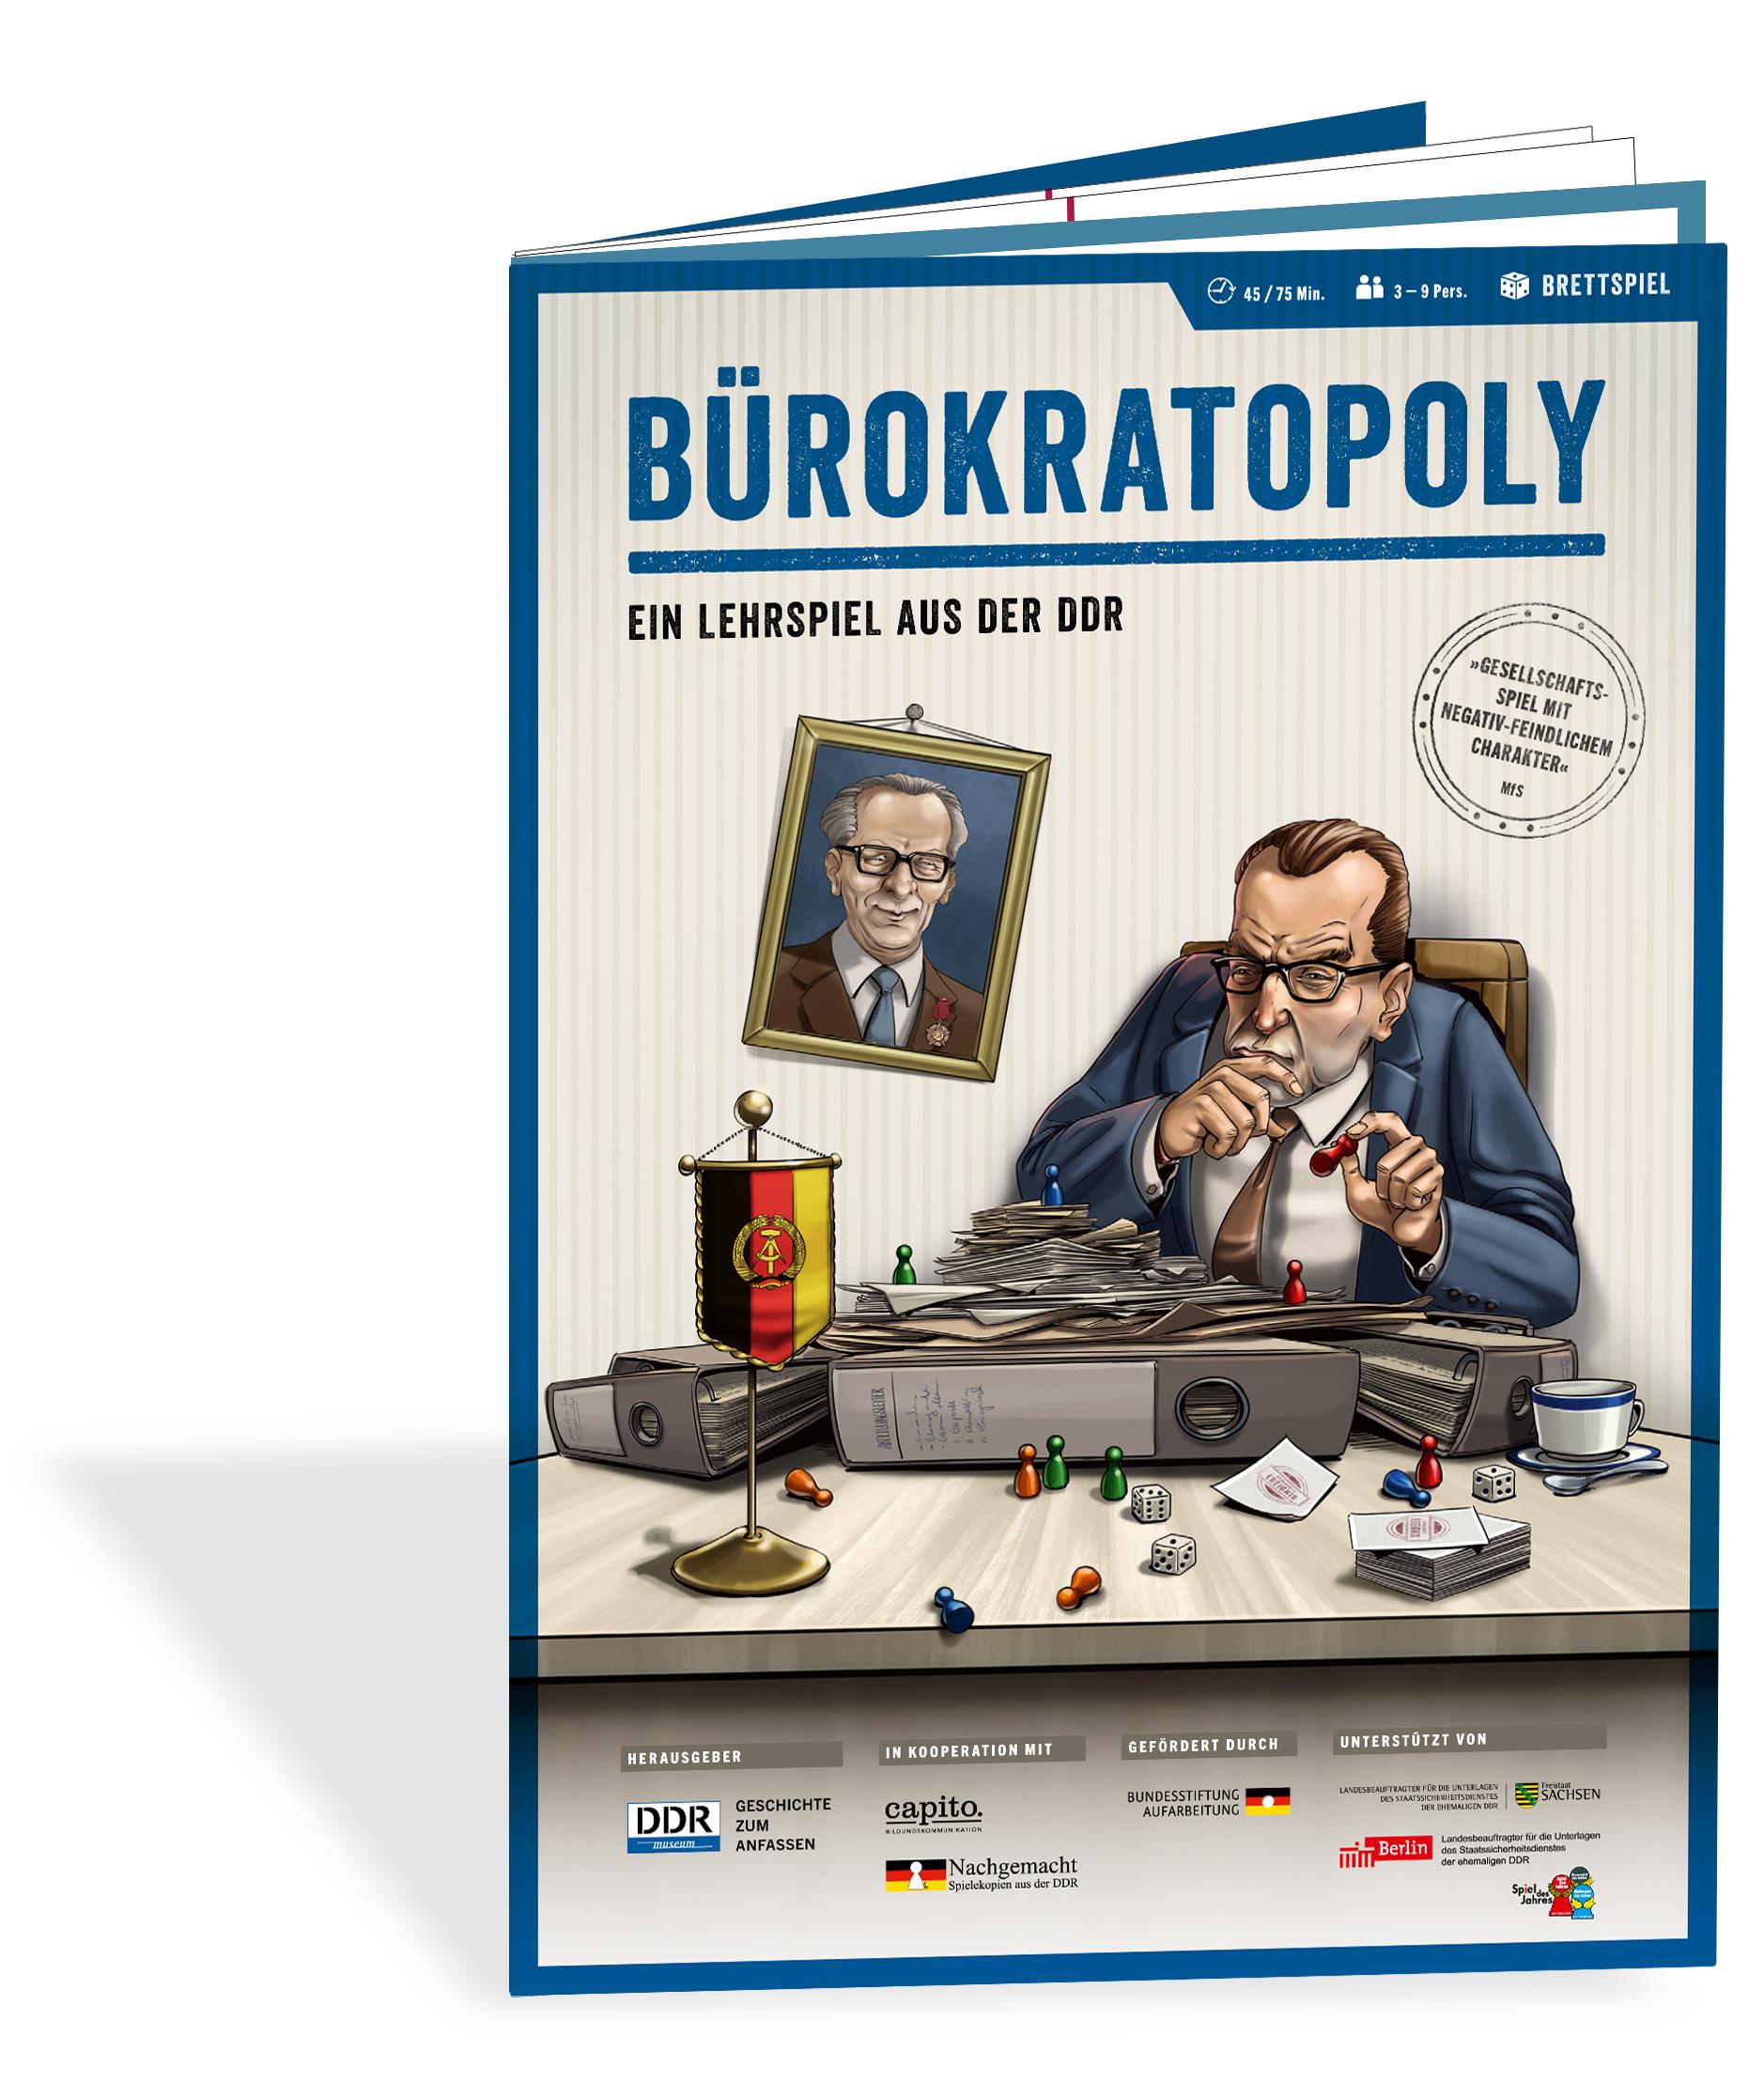 Bürokratopoly - ein Lehrspiel aus der DDR - Spielplan kostenlos downloaden